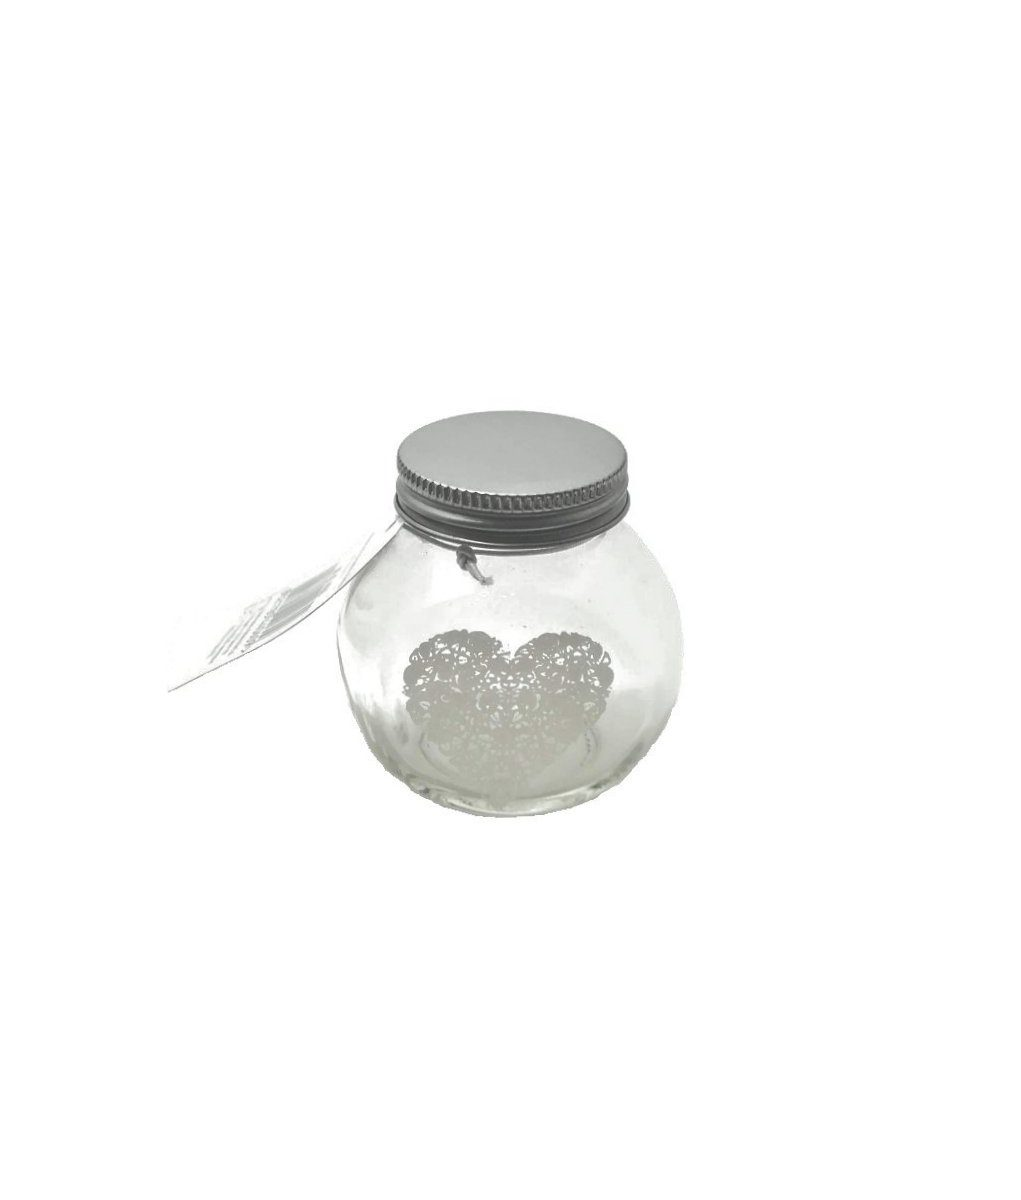 Portaspezie in vetro con coperchio in alluminio